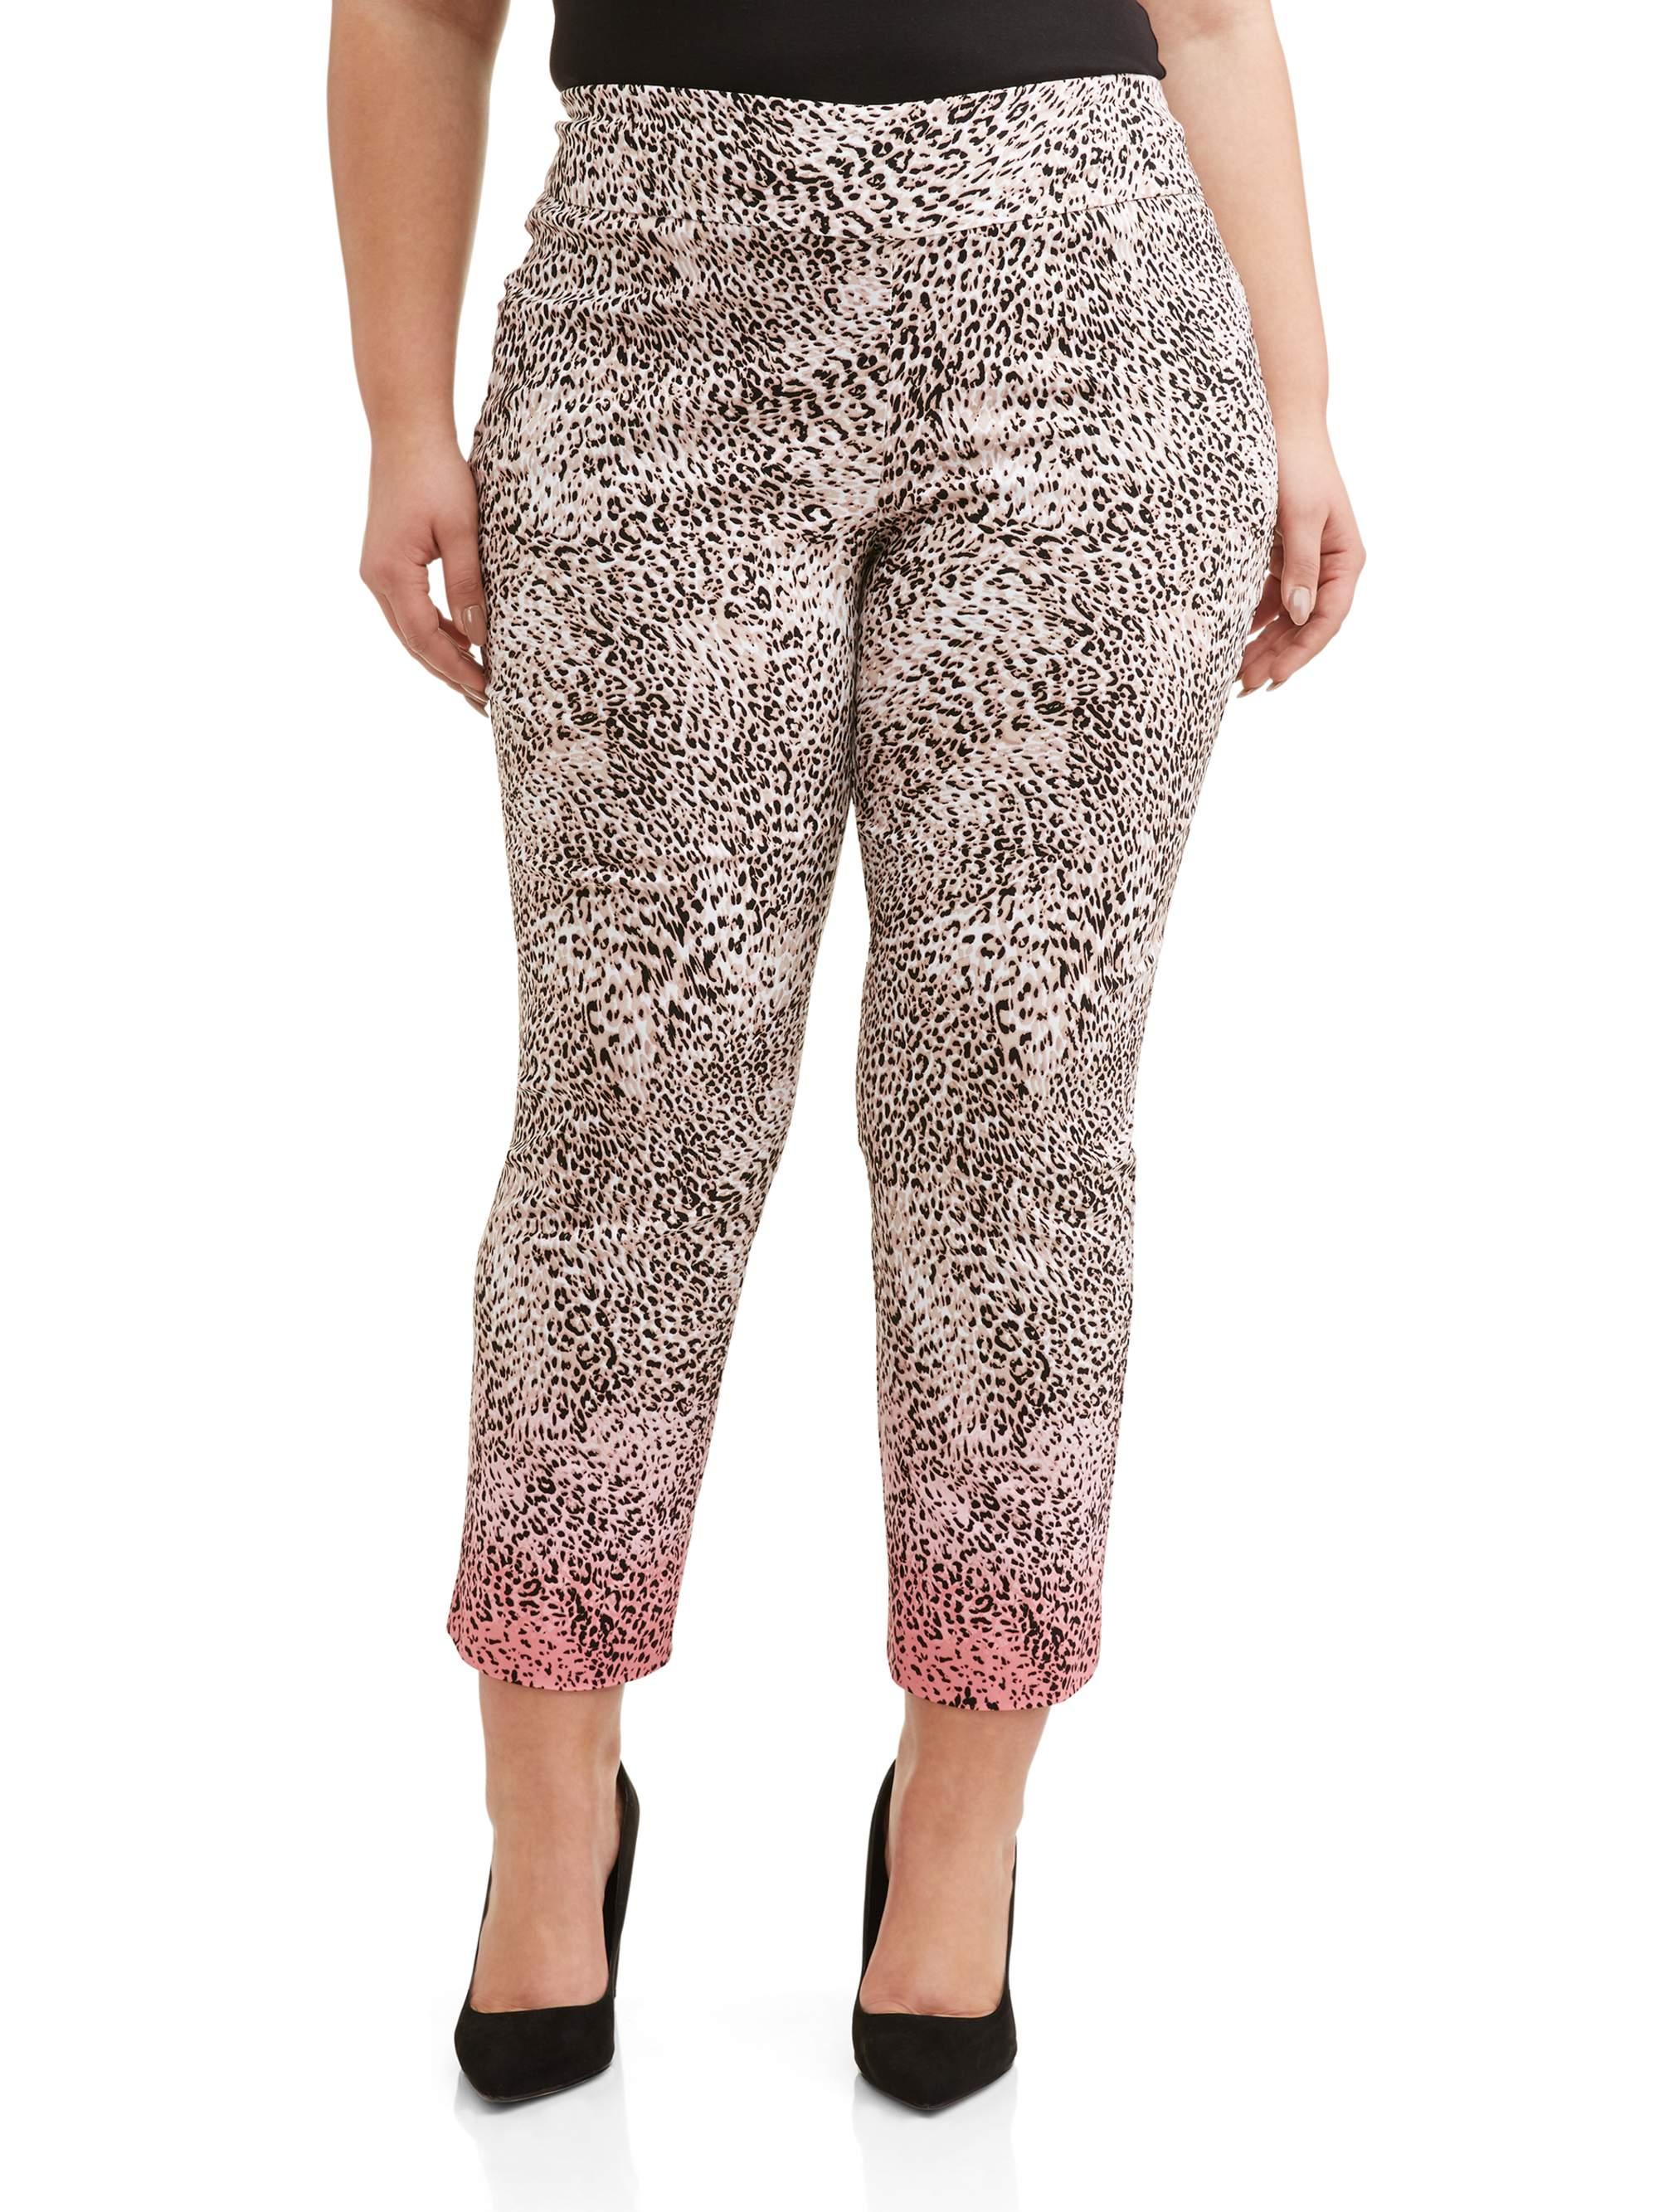 Women's Plus Size Ombre Leopard Print Pant